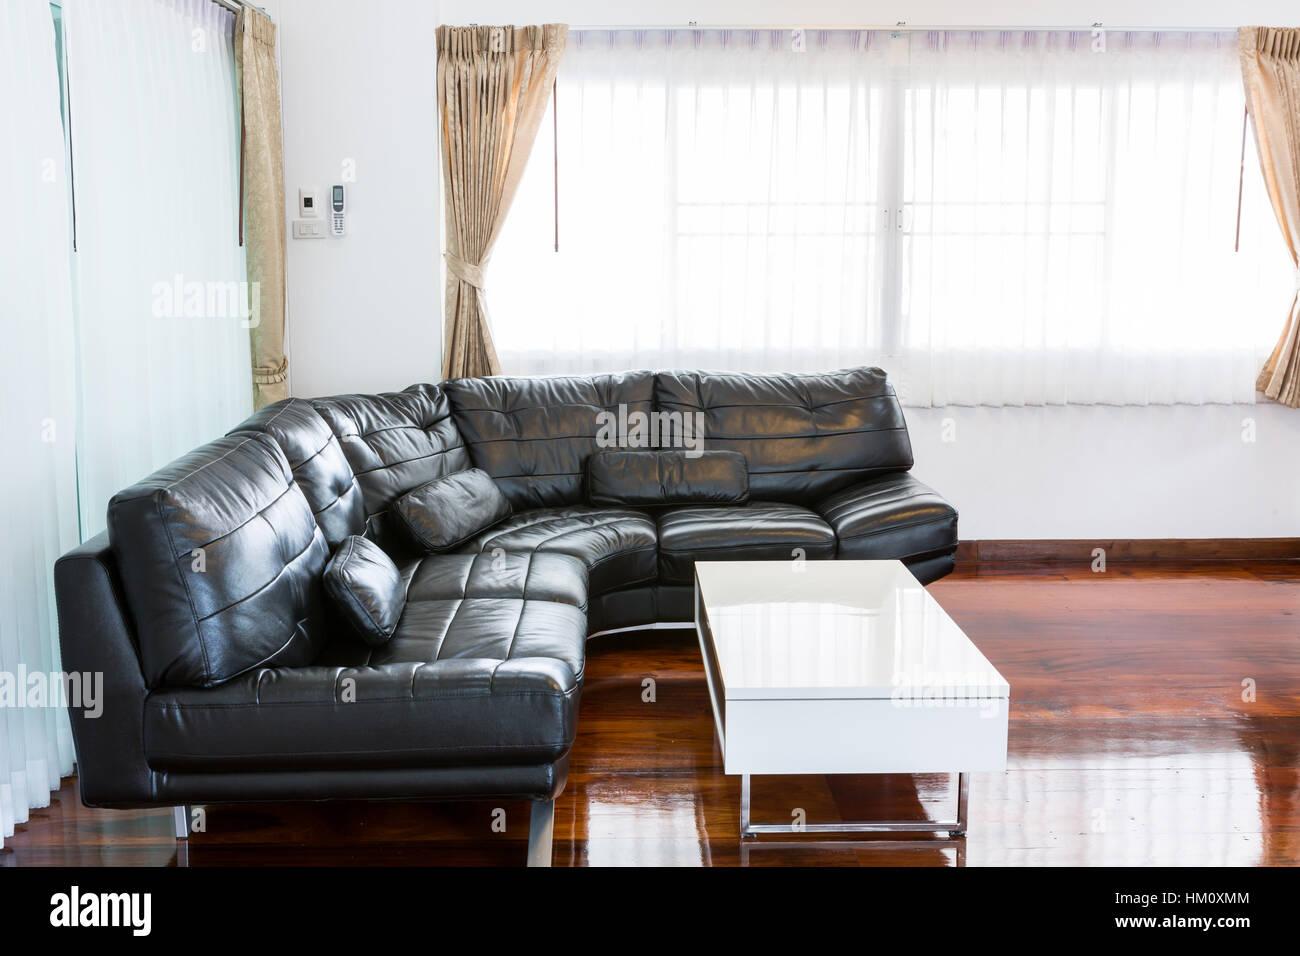 Black sofa in room Stock Photo